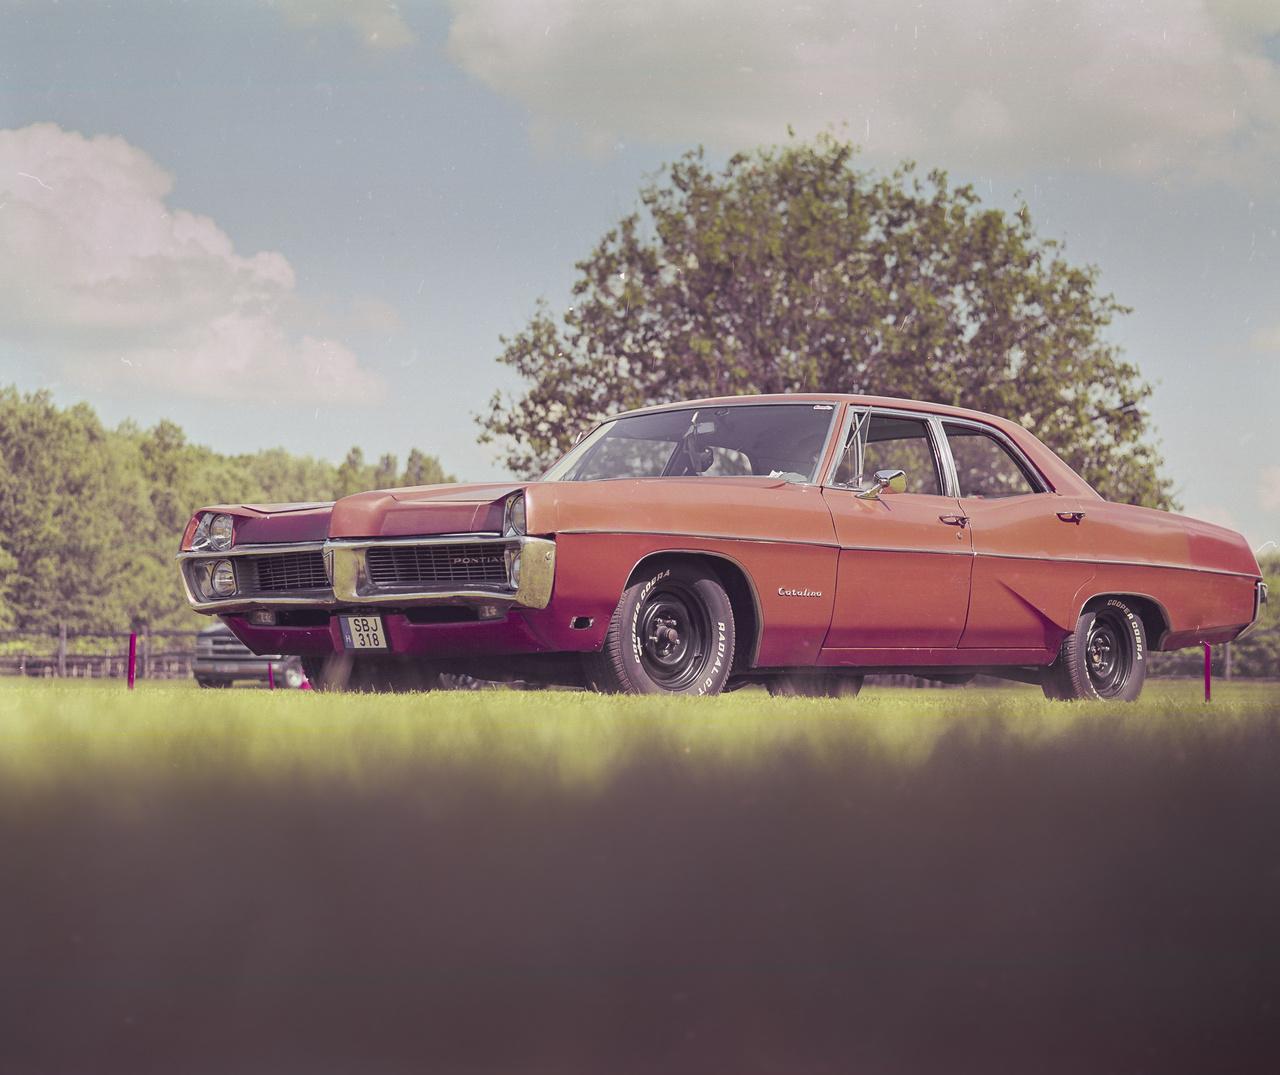 2012 decembere óta vagyok Cadillac-tulajdonos, de az első egy-két évben nem mertem elmenni a Ranchre. Nézegettem a képeket, és úgy éreztem, hogy nem vagyunk eléggé hogy is mondjam, jók, elitek, nincs elég króm az autómon, nem is tökéletes, alig tudok valamit a márkáról, de nem hagyott nyugodni a dolog.